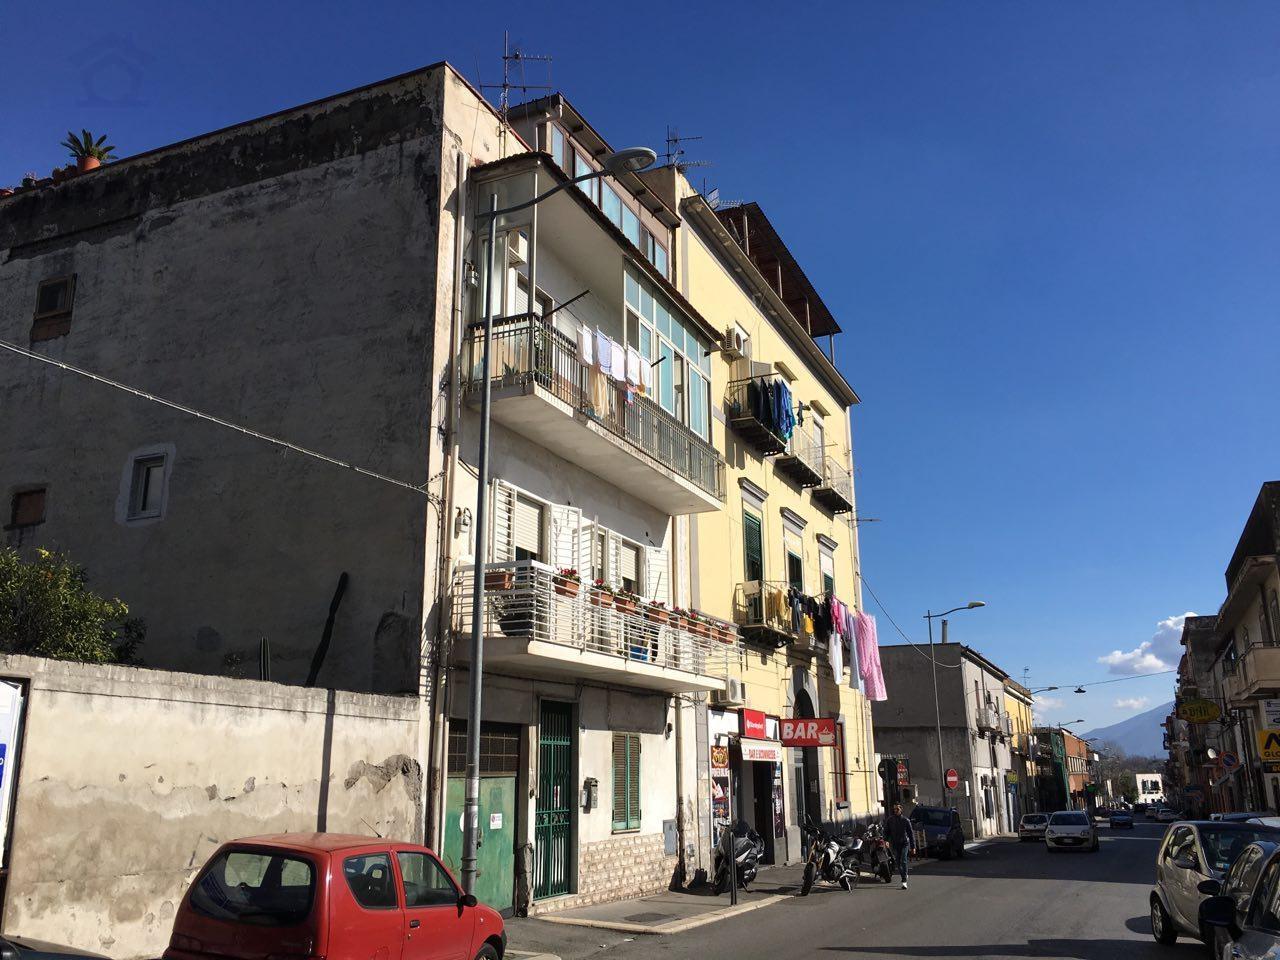 Appartamento in vendita a Torre Annunziata, 3 locali, zona Località: sud, prezzo € 70.000 | CambioCasa.it